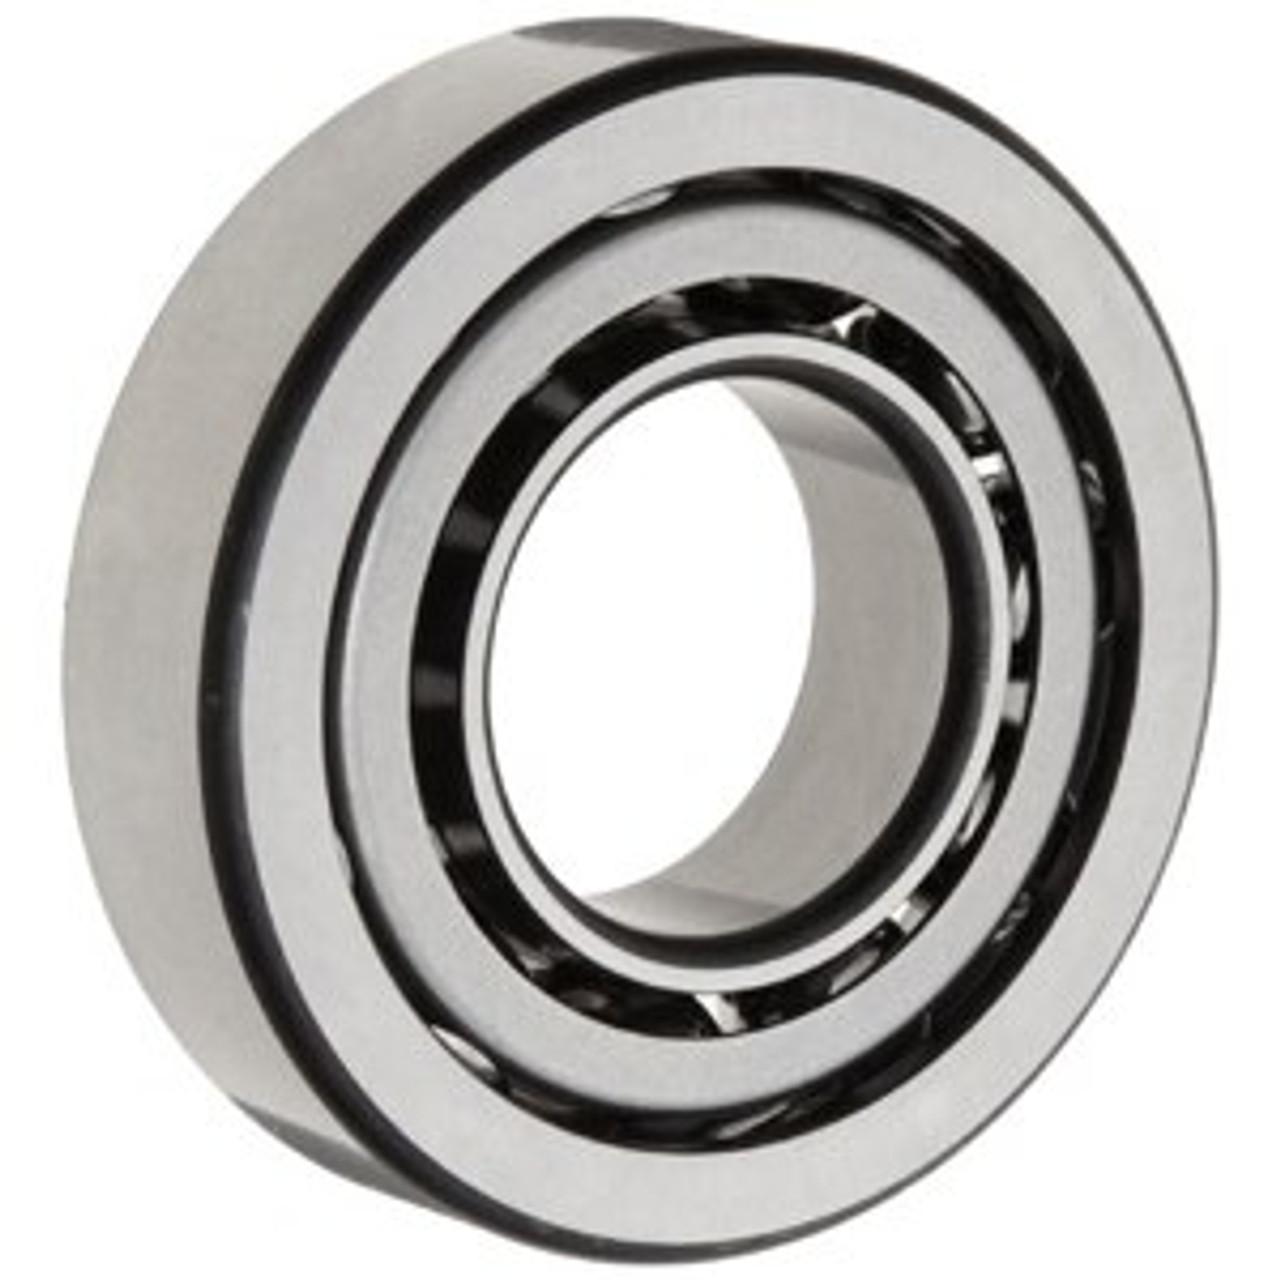 BEMONOC 5Mters HTD T5 Timing Belt Open Ended Belt 5mm Pitch 16mm Width Industrial Timing Belt